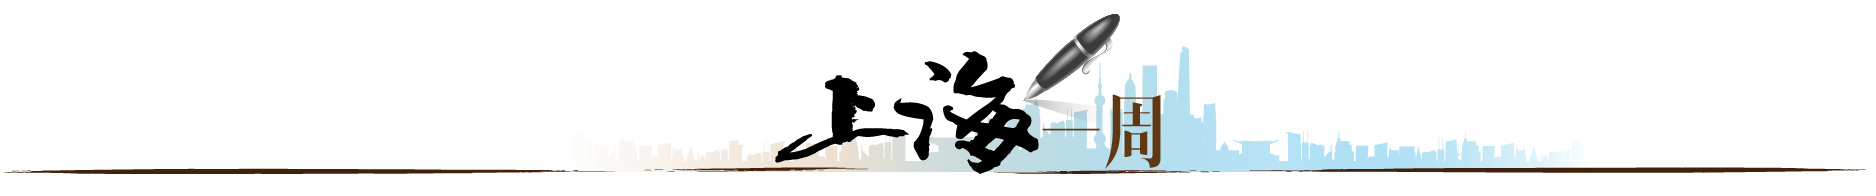 """【上海一周】特殊时期,""""走企业""""的深意"""